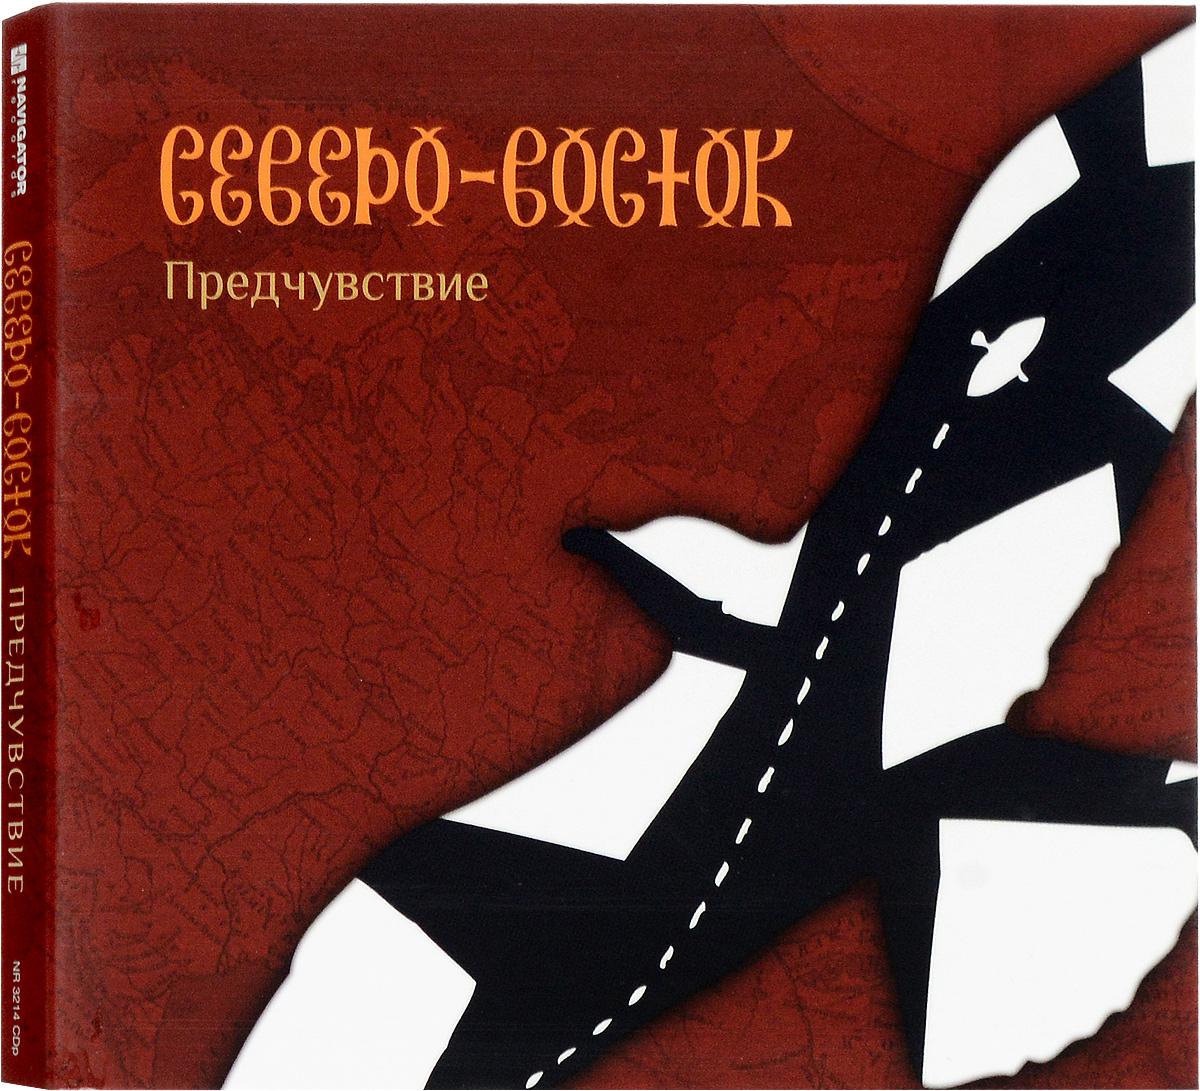 Издание содержит 14-страничный буклет с текстами некоторых песен на русском языке.